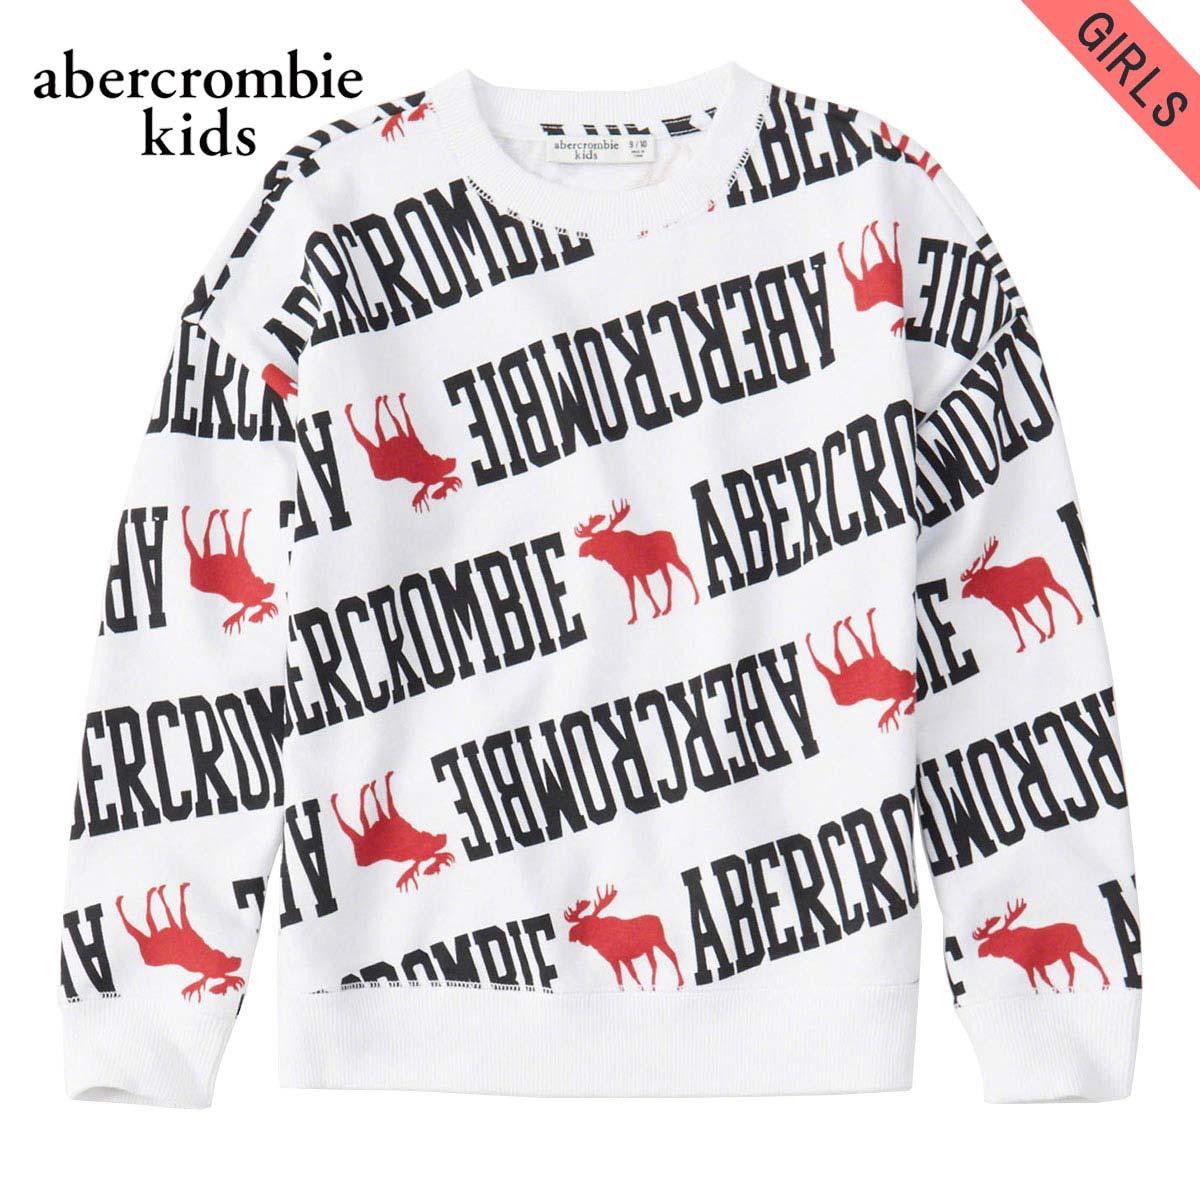 【ポイント10倍 1/1 00:00~1/5 23:59まで】 アバクロキッズ スウェット ガールズ 子供服 正規品 AbercrombieKids トレーナー トレーナー easy icon crew sweatshirt 252-772-0075-005